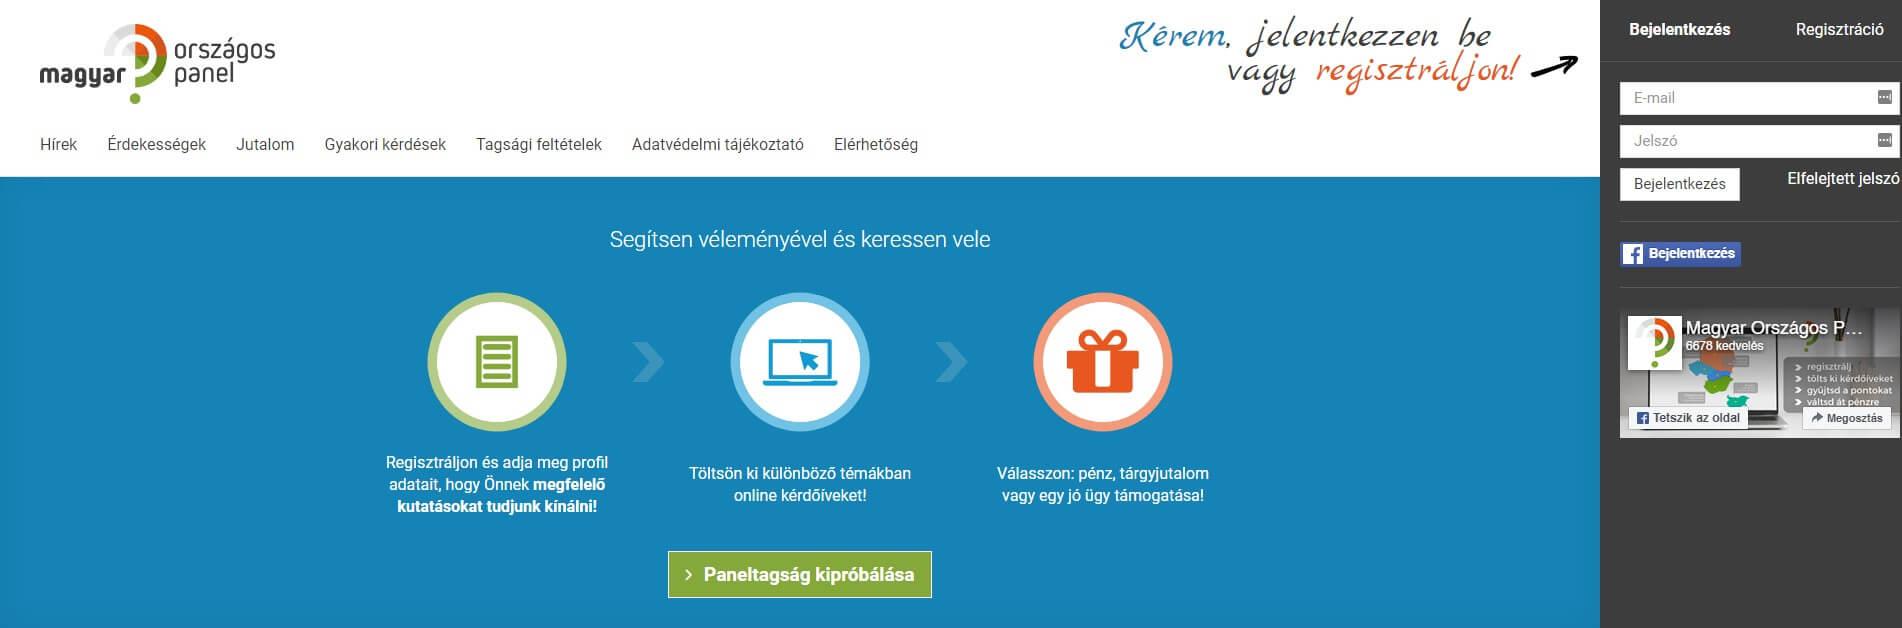 keresni online bejelentkezés